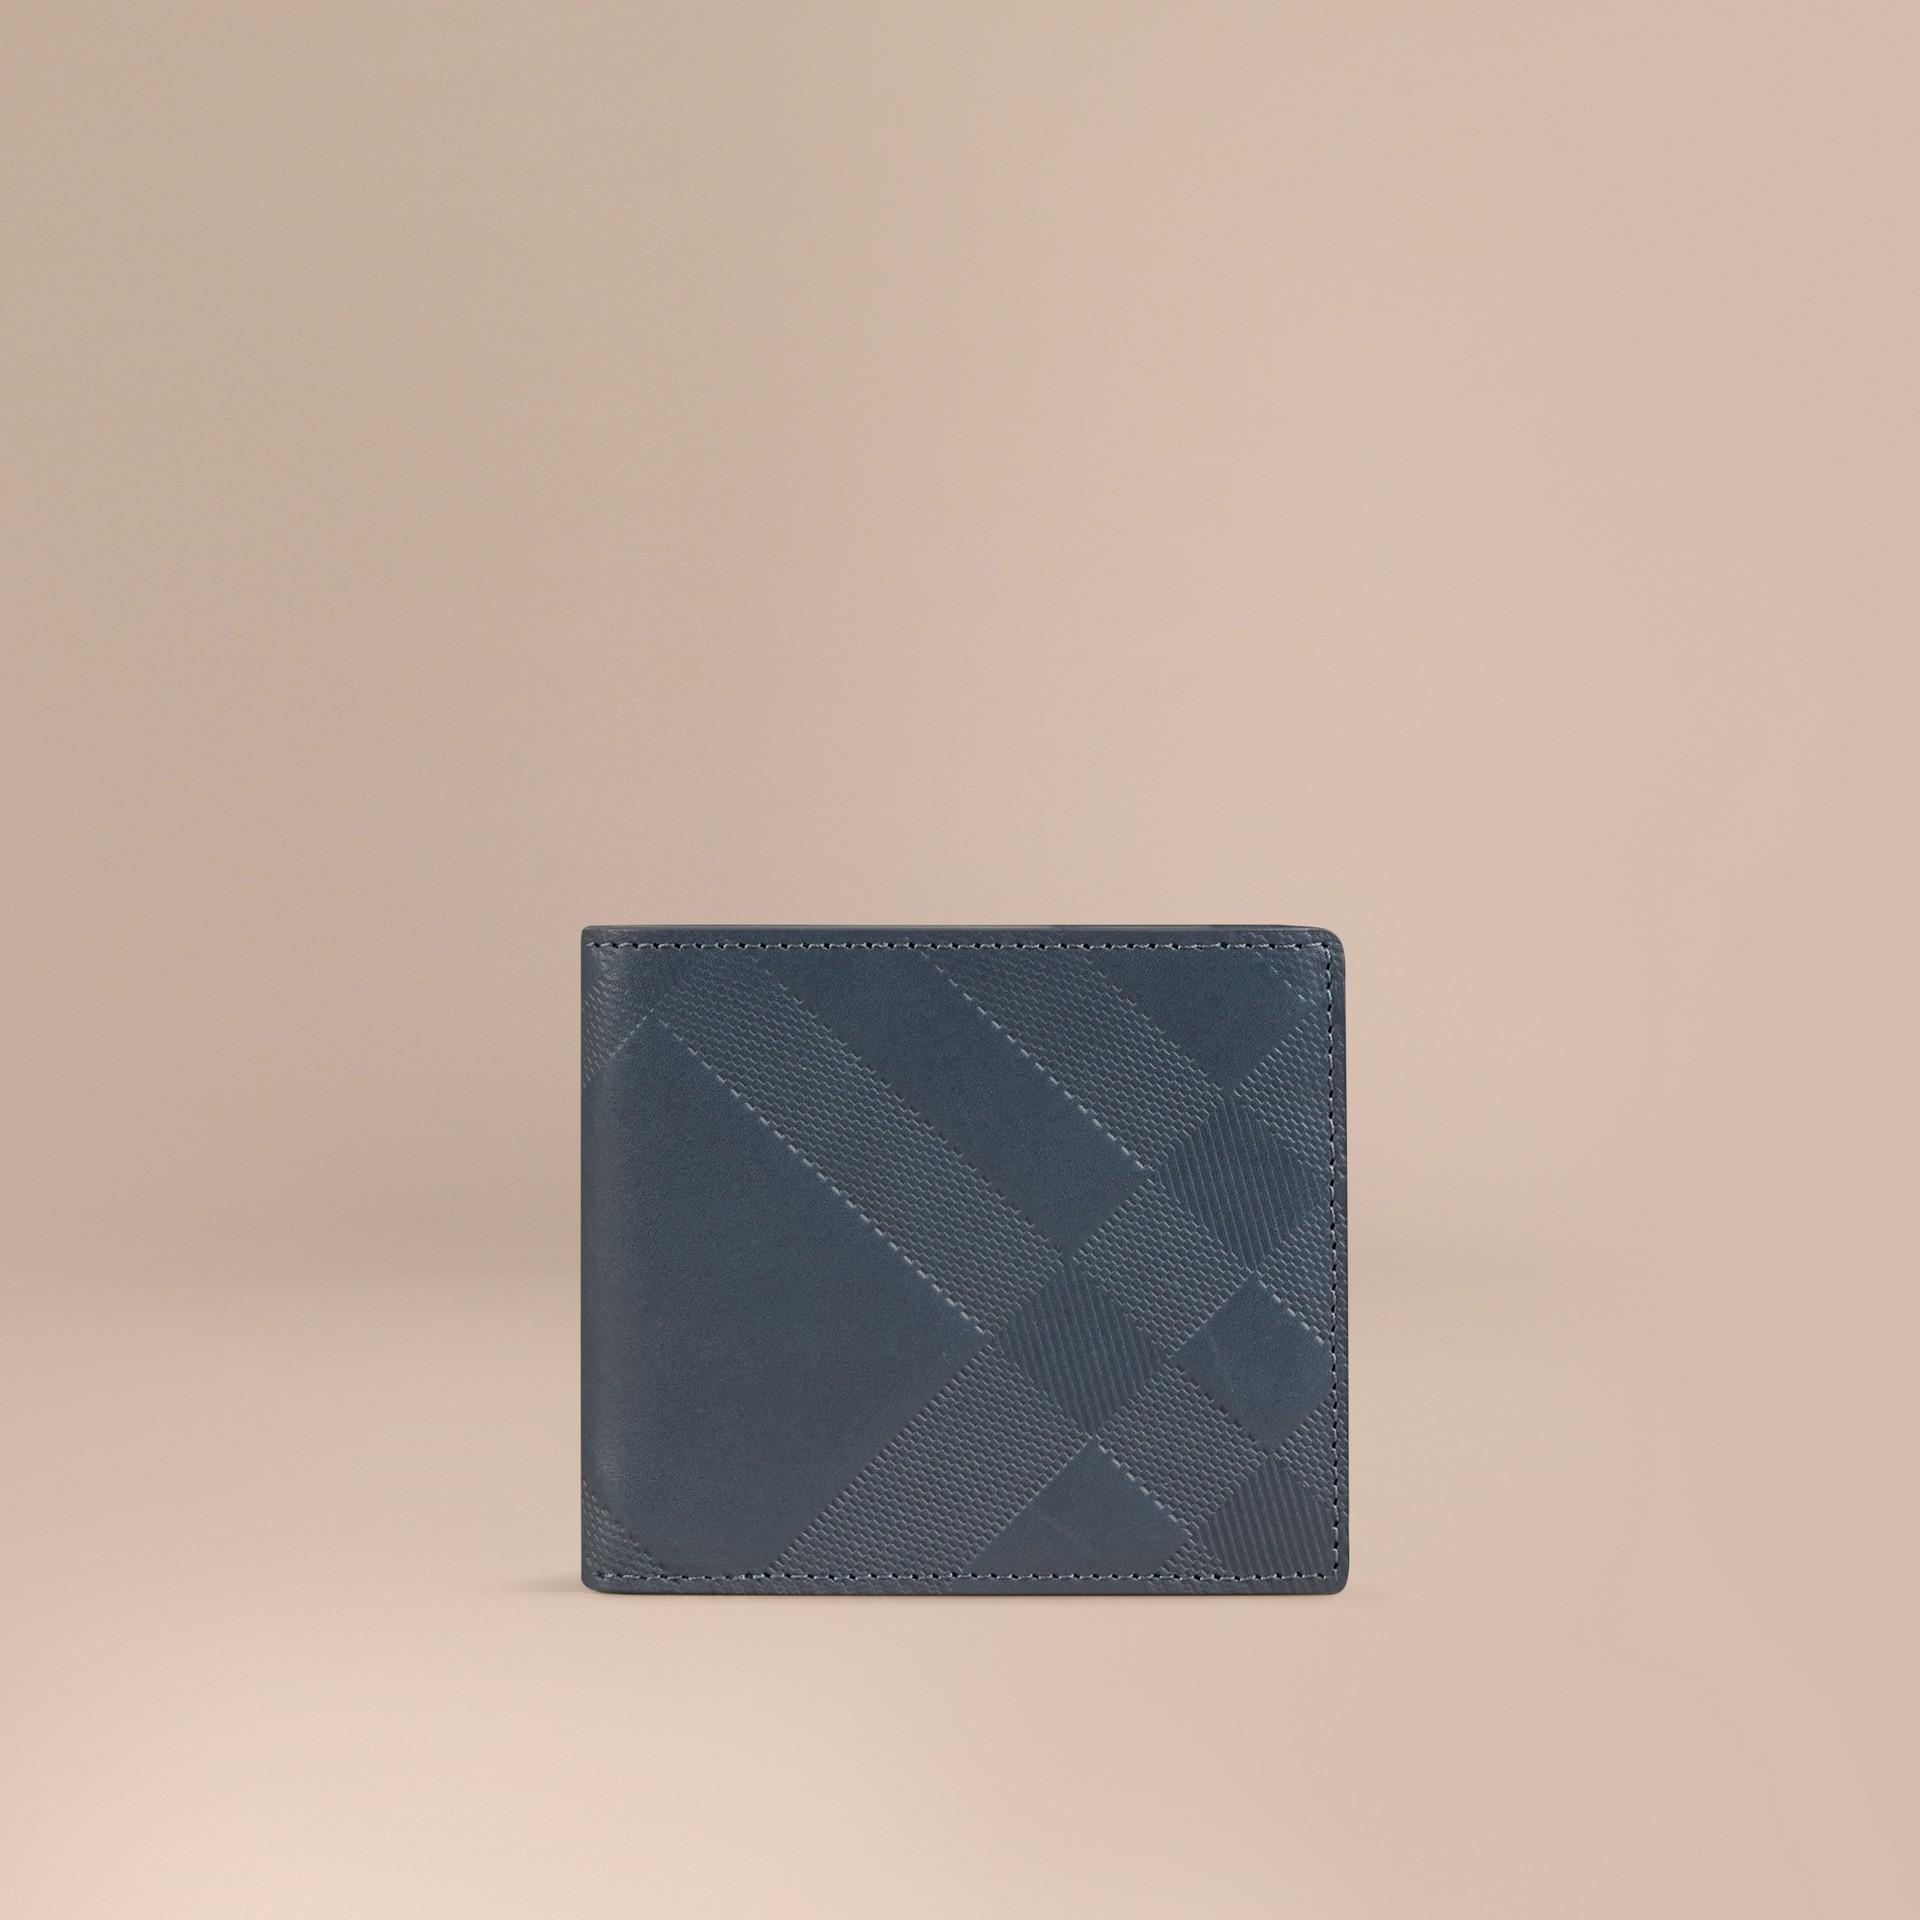 Blu acciaio Portafoglio a libro in pelle con motivo check in rilievo Blu Acciaio - immagine della galleria 1